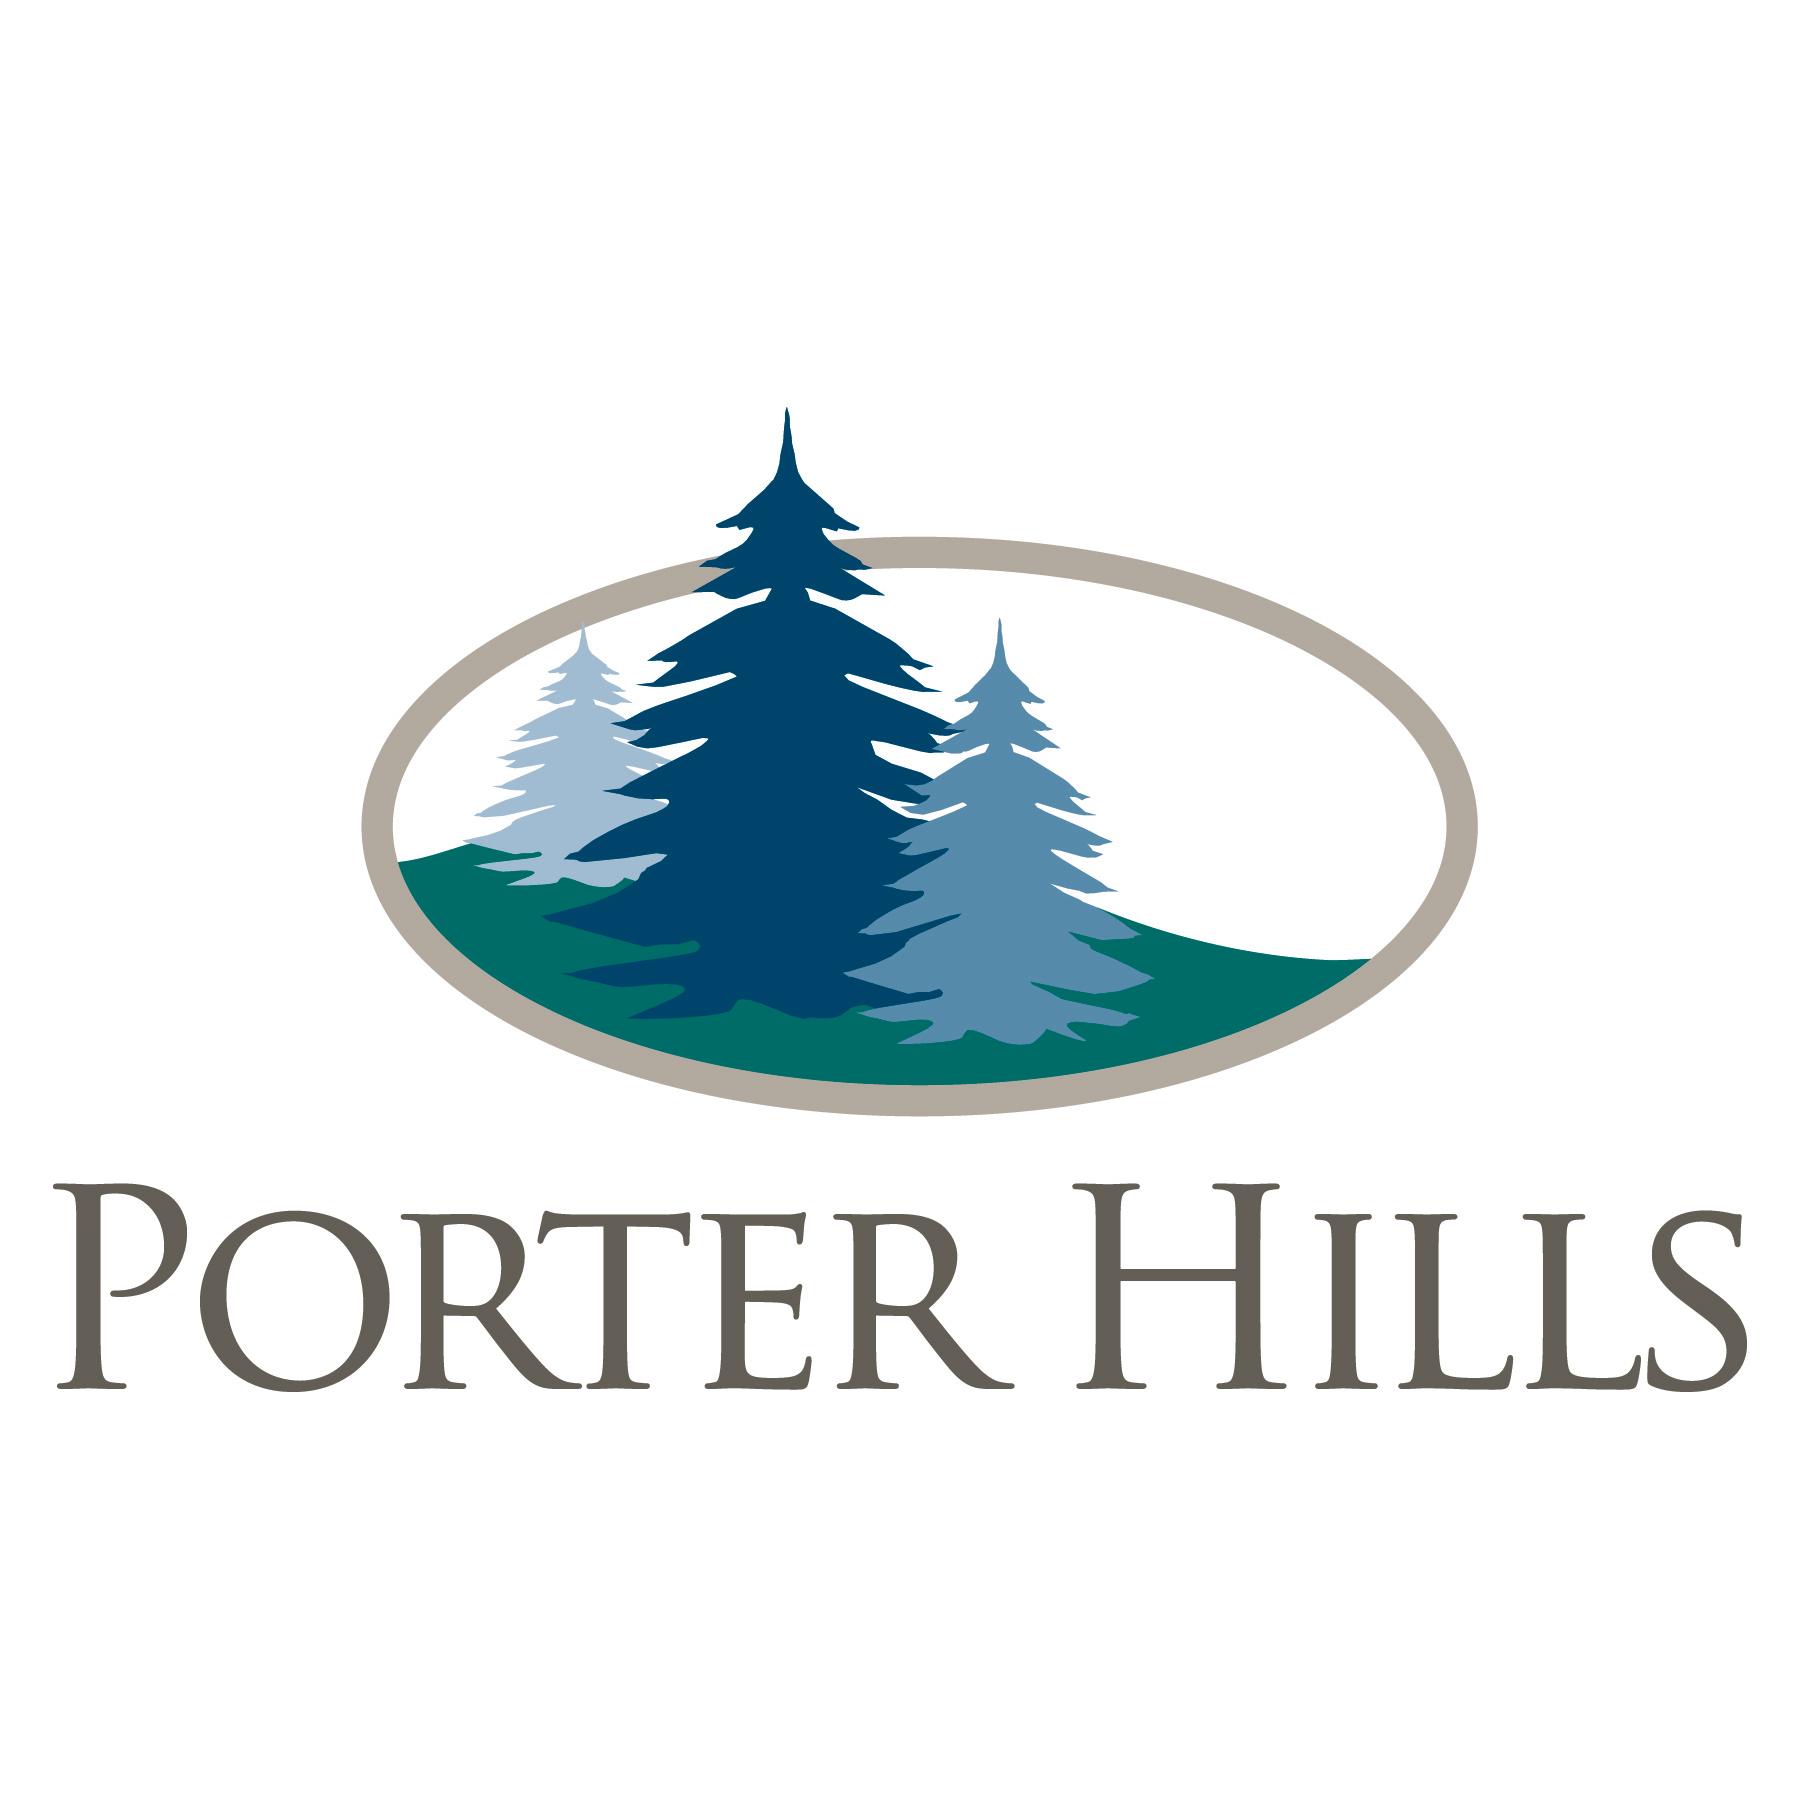 Porter Hills Village